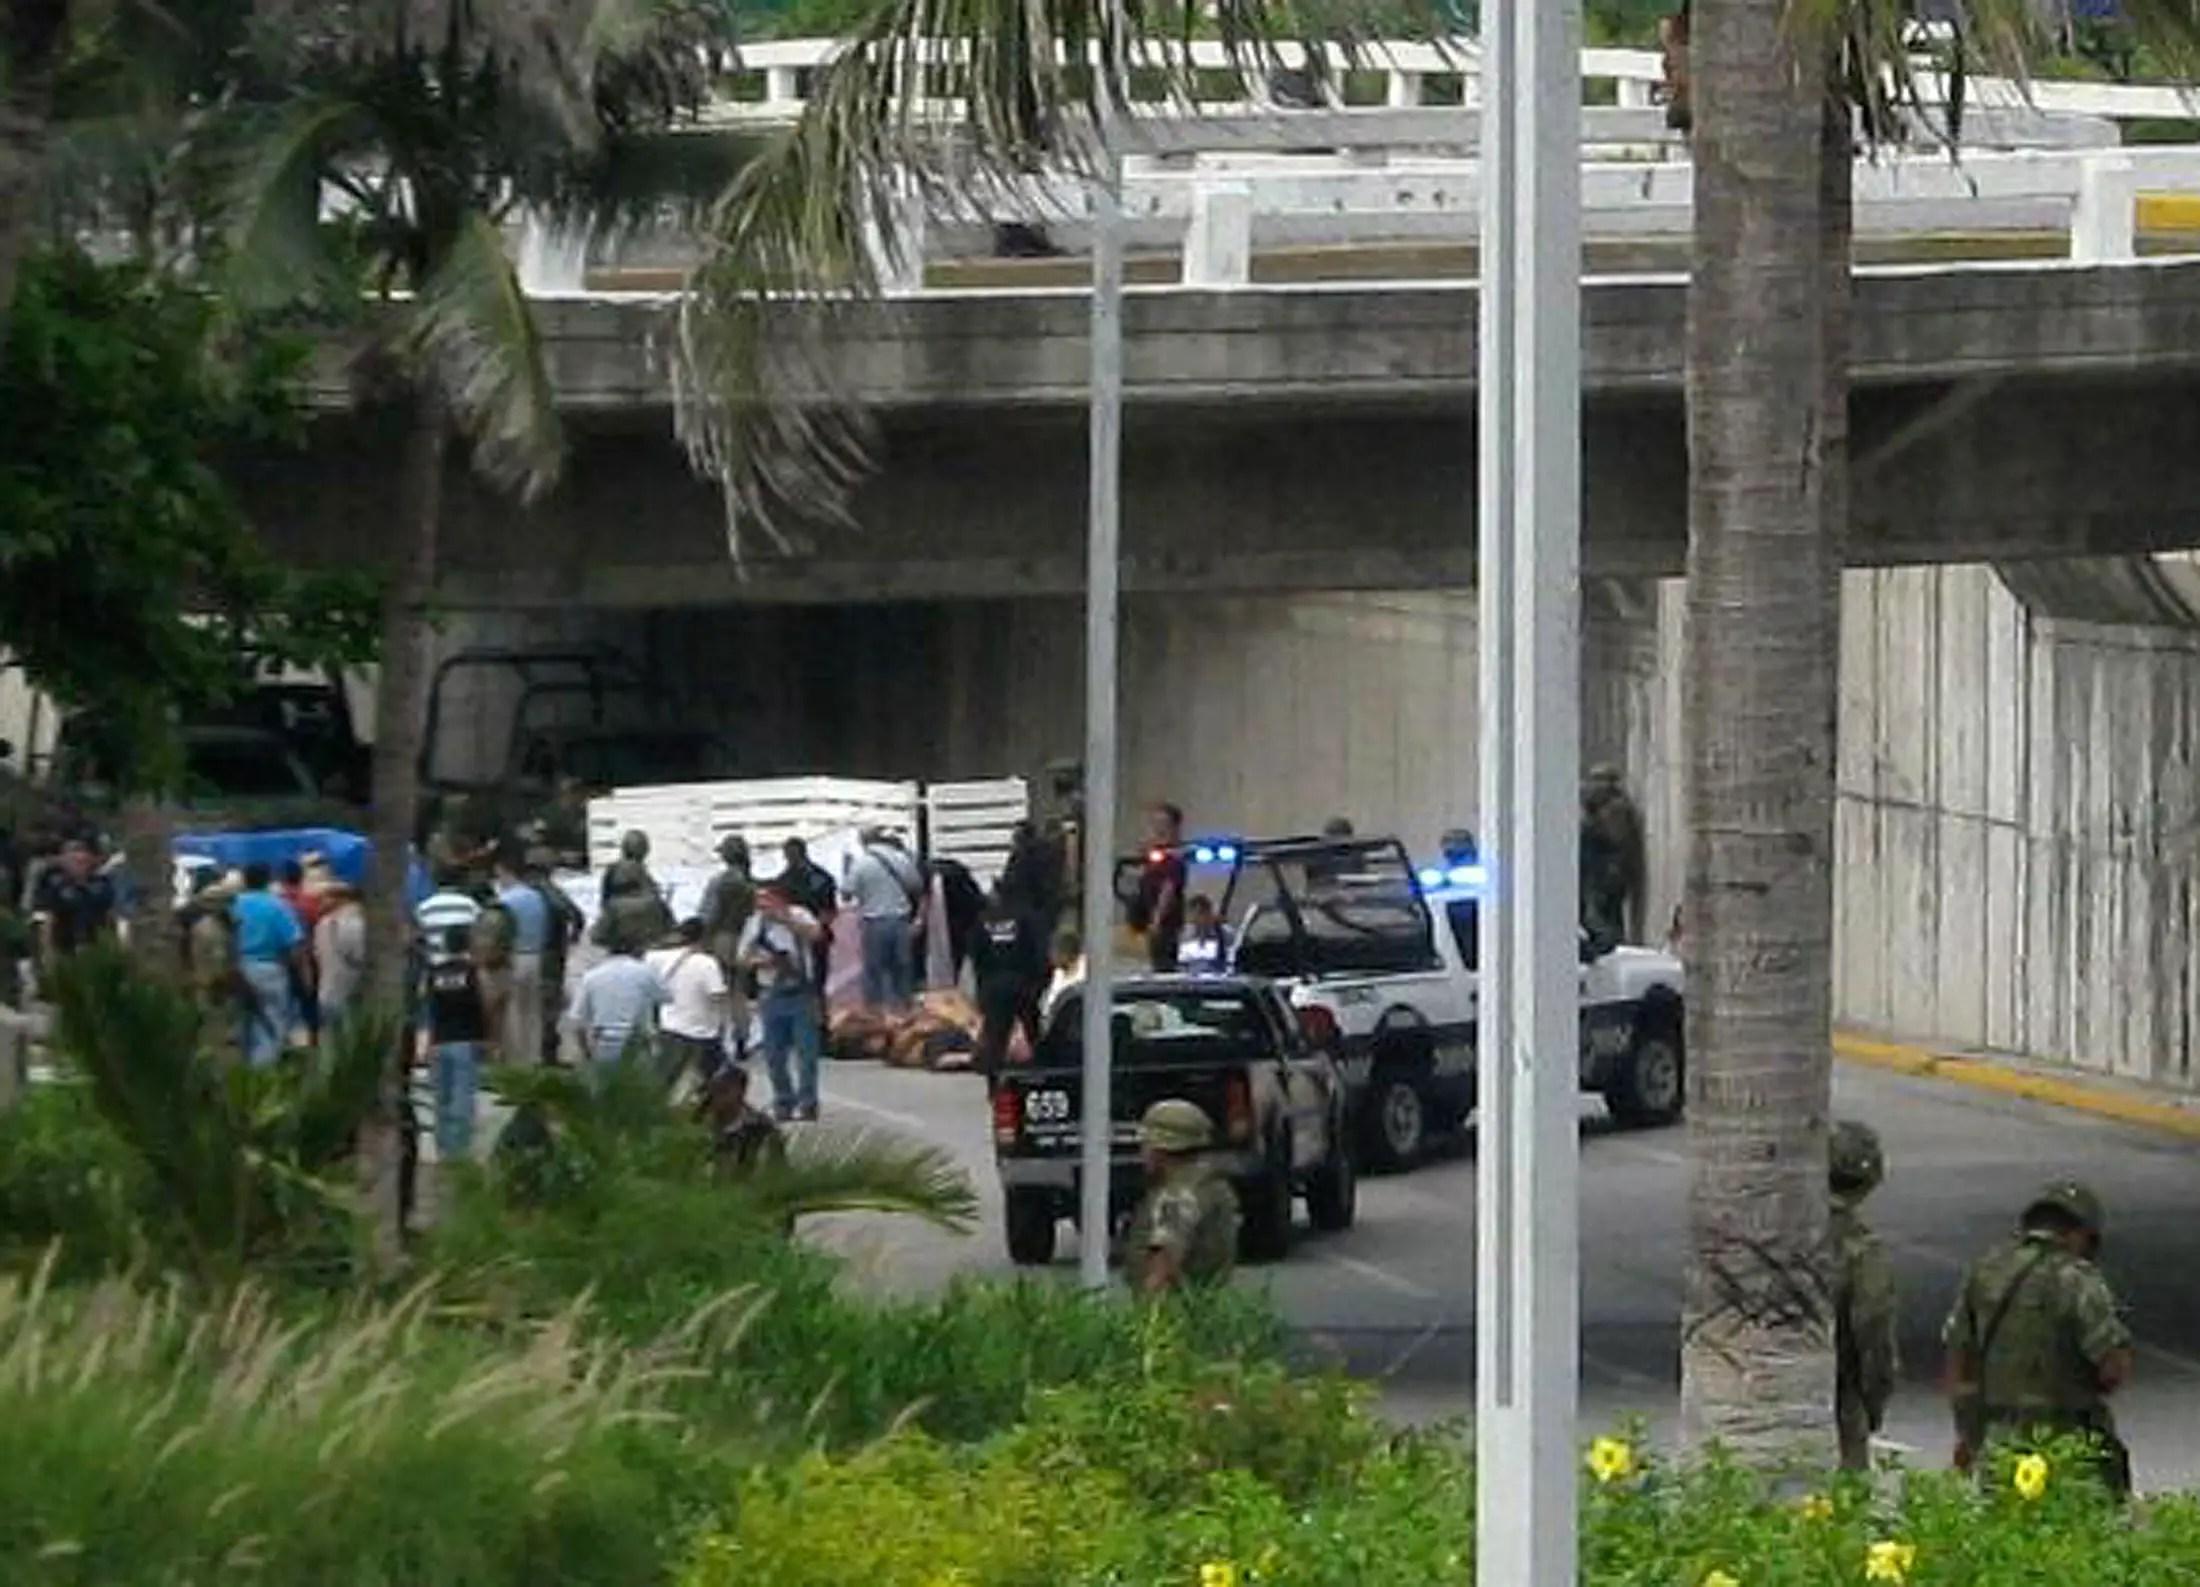 Veracruz Boca del Rio Zetas Jalisco CJNG cartel Mexico killings bodies